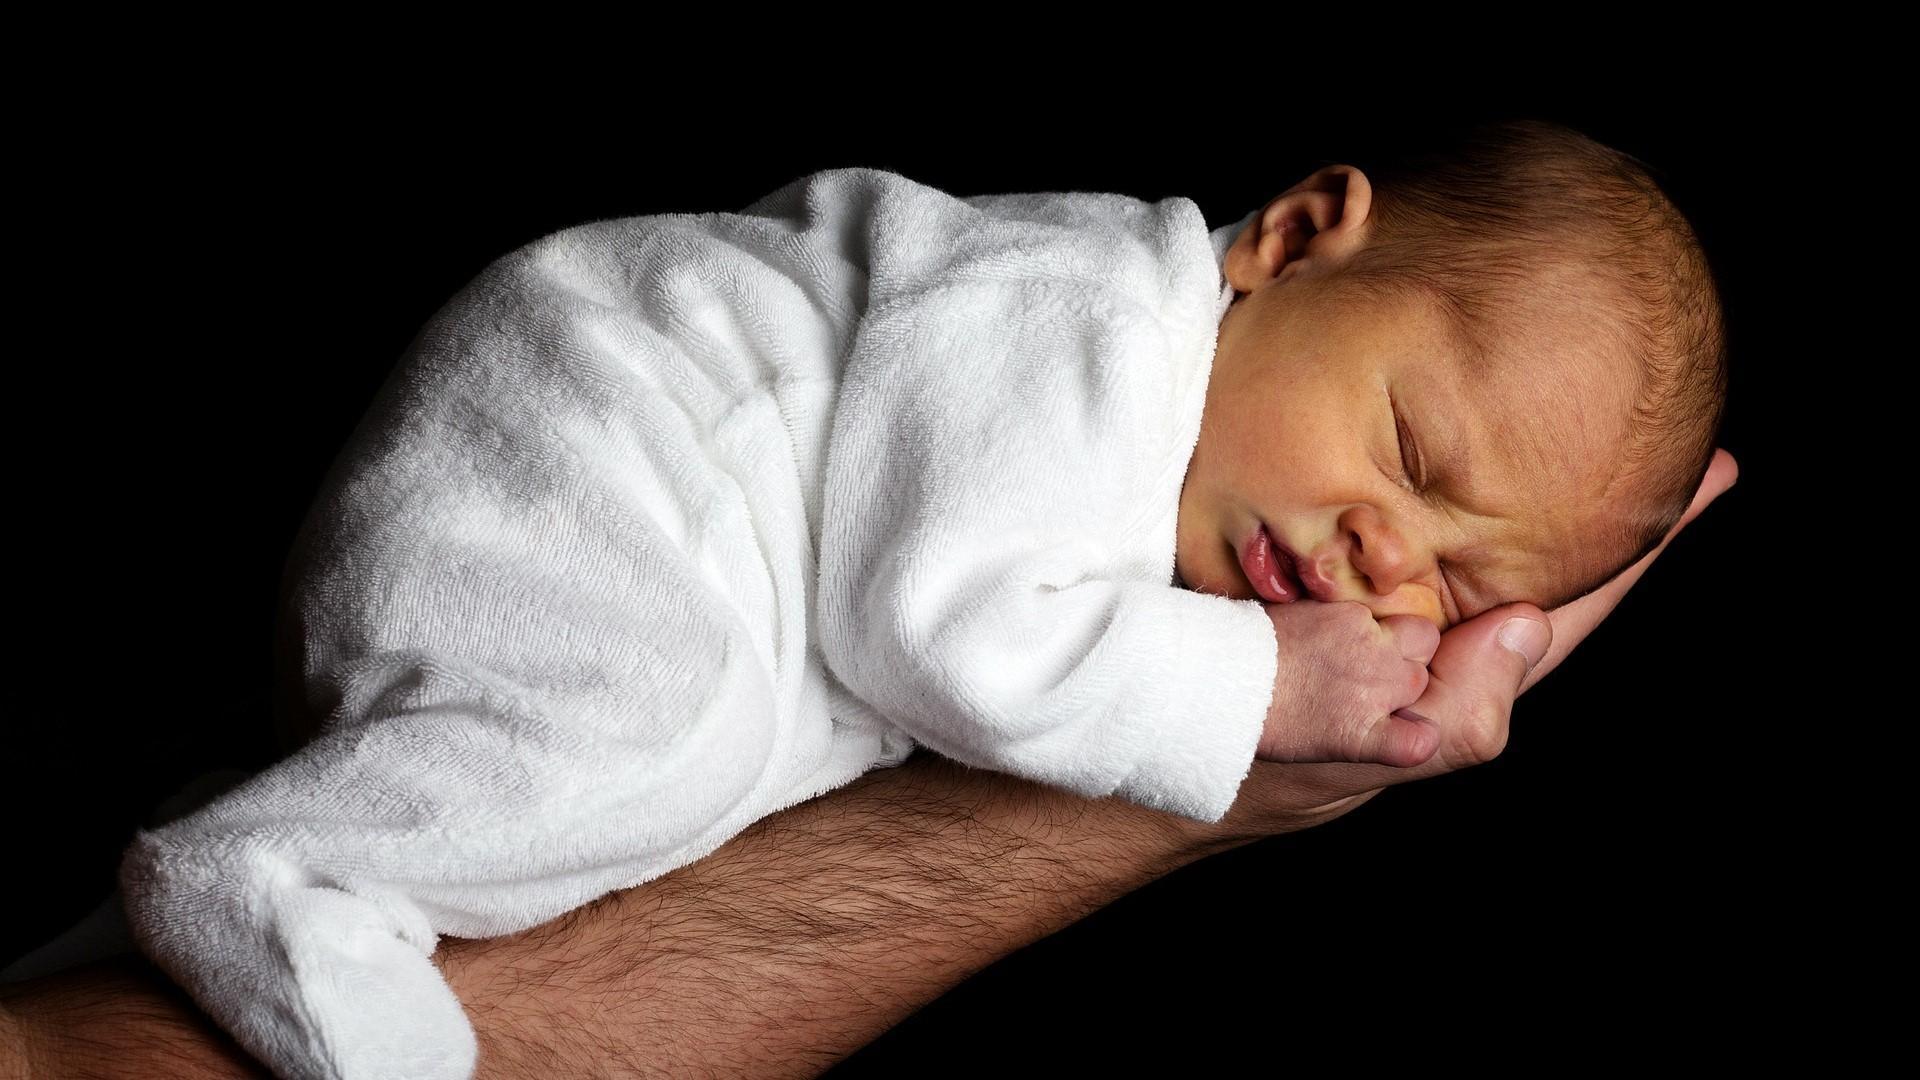 Baby zappelt beim Einschlafen: So beruhigen Sie ihr Kind